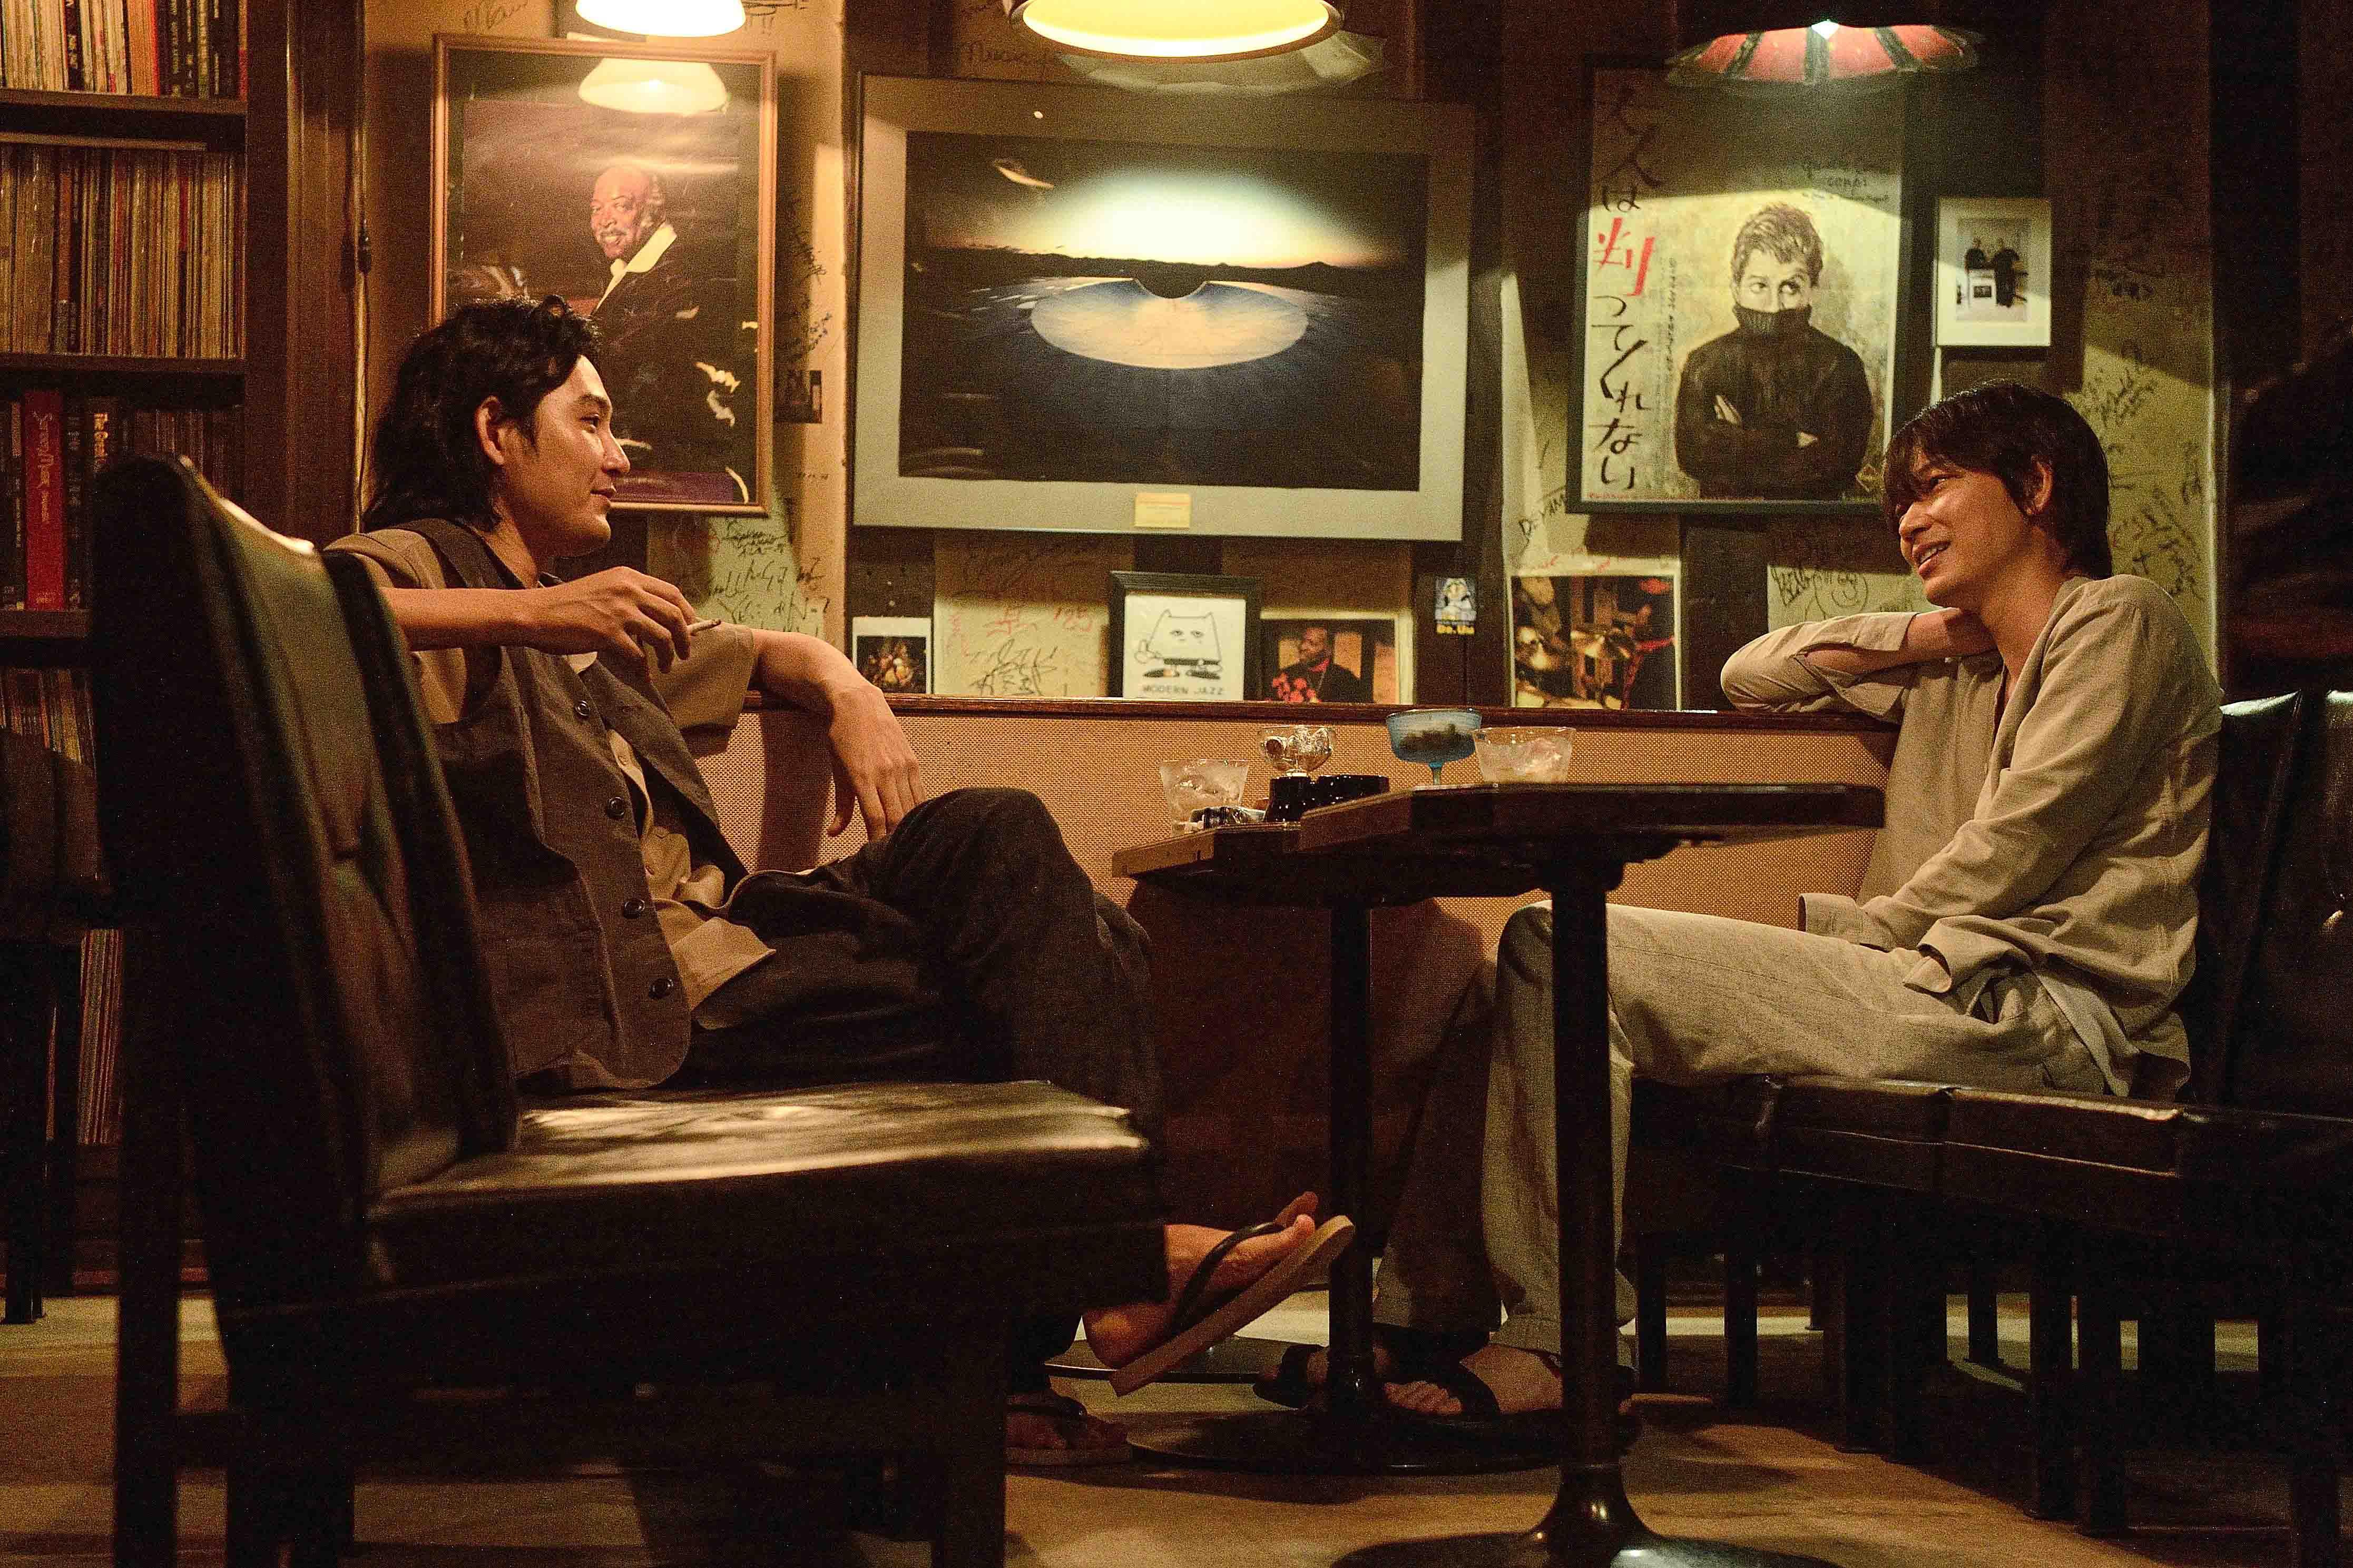 綾野剛(右)坦言自己和松田龍平(左)是多年好友,但大銀幕上卻只有【NANA】中幾秒的交集,「雖然有點自吹自擂,但我想在日本沒有比這更好的選角組合了。」